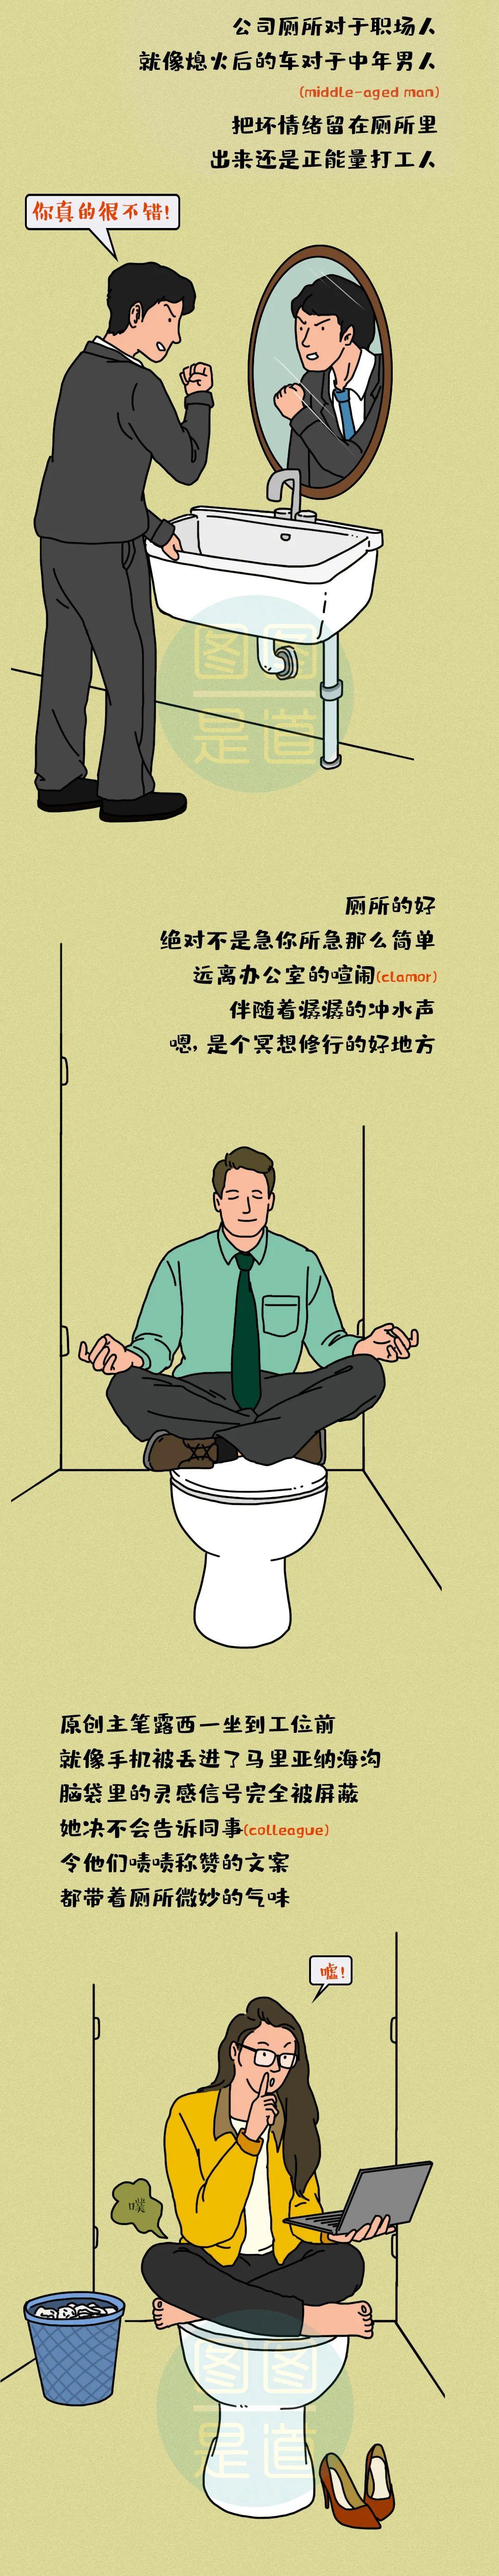 加油!廁所里的職場人!| 圖圖是道